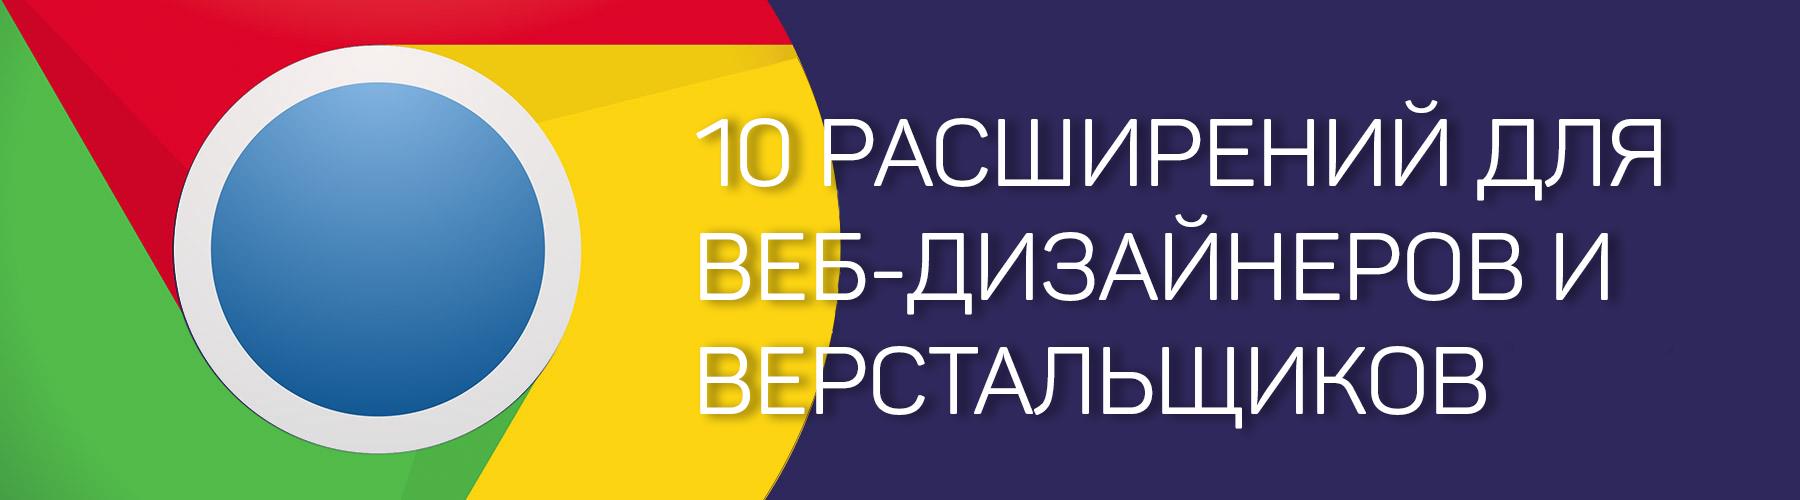 10 расширений в хром для веб-дизайнеров и верстальщиков